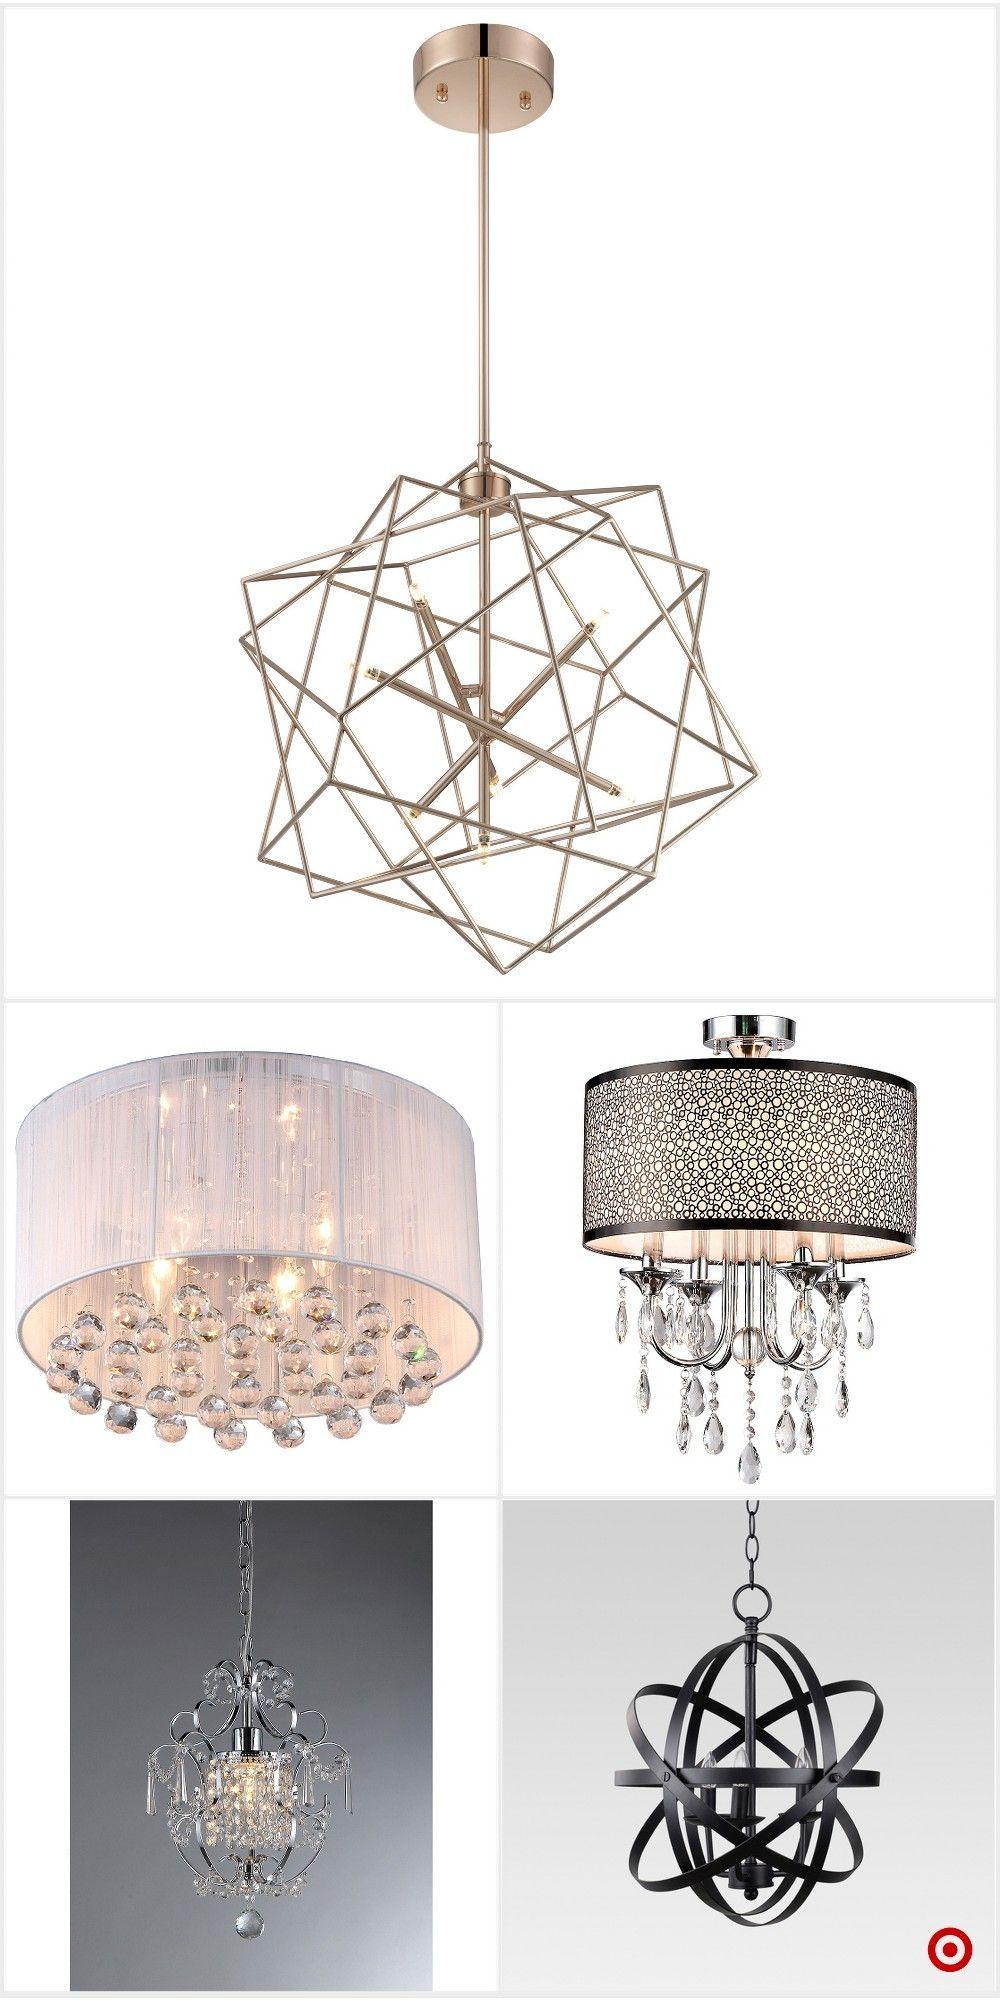 Bathroom lighting fixtures made in usa bedroom ceiling bedroom lighting bedroom decor home